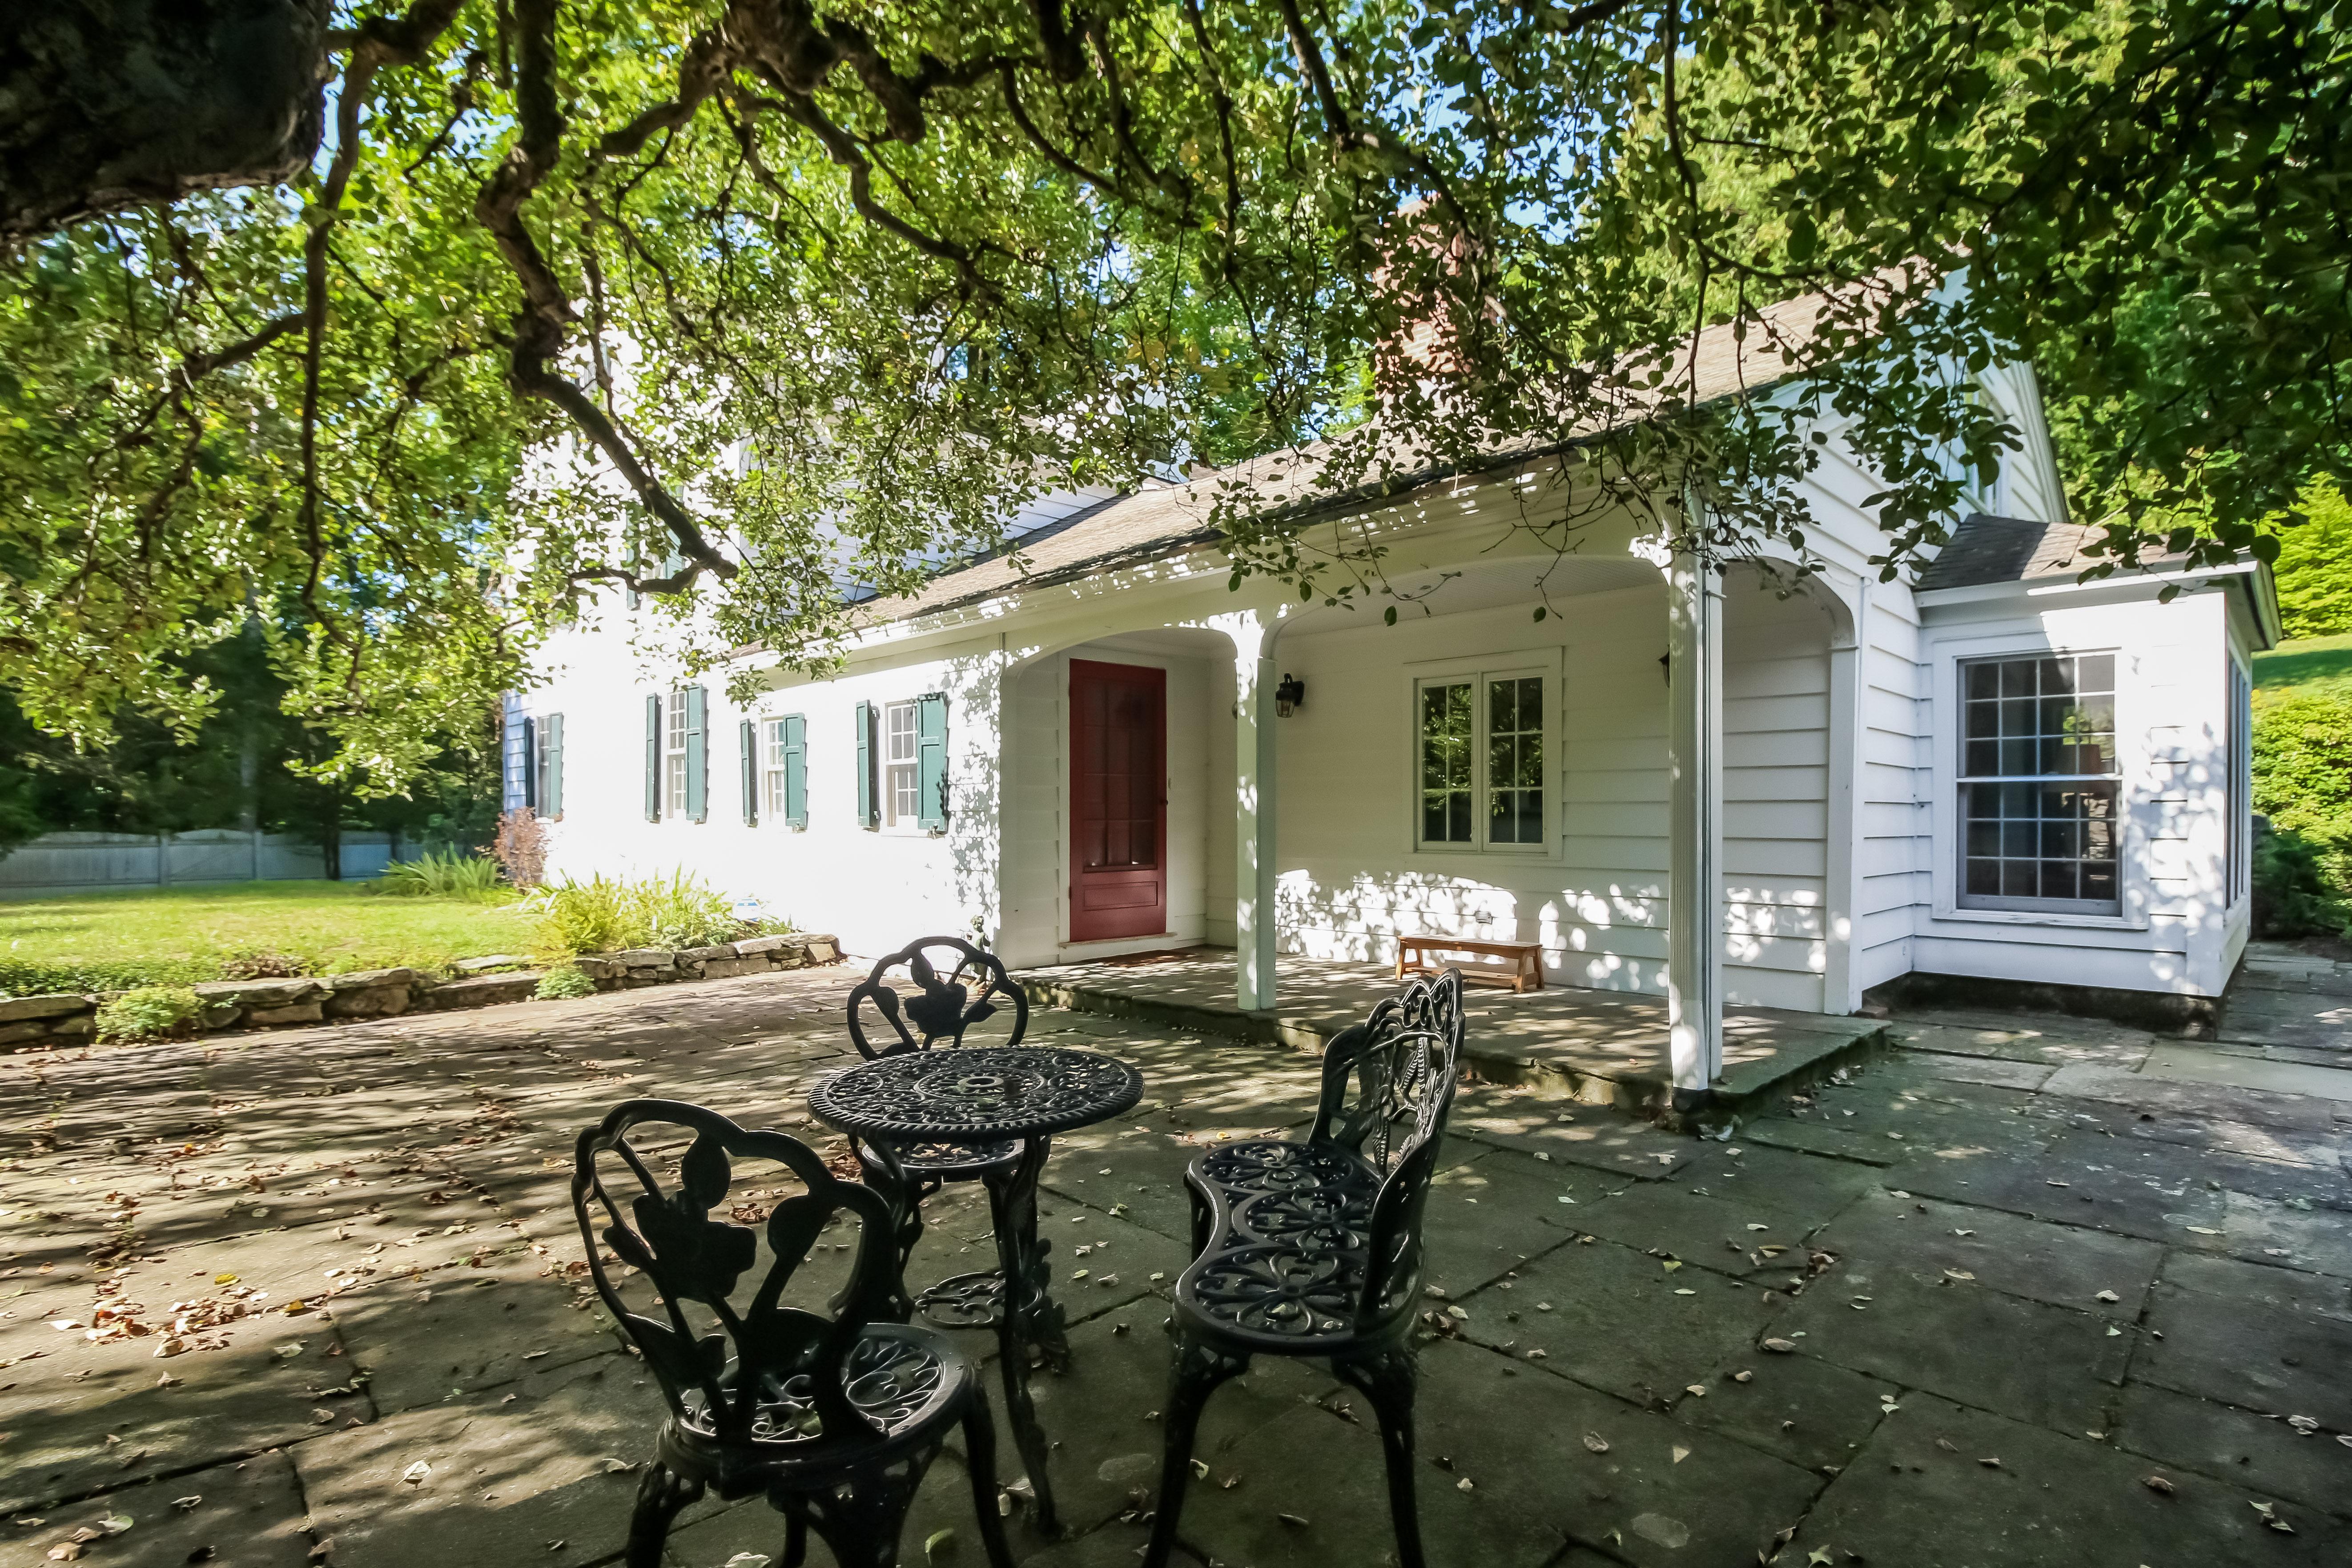 Casa Unifamiliar por un Venta en Exquisitely Restored Country Estate 26 Barker Road New Milford, Connecticut, 06776 Estados Unidos